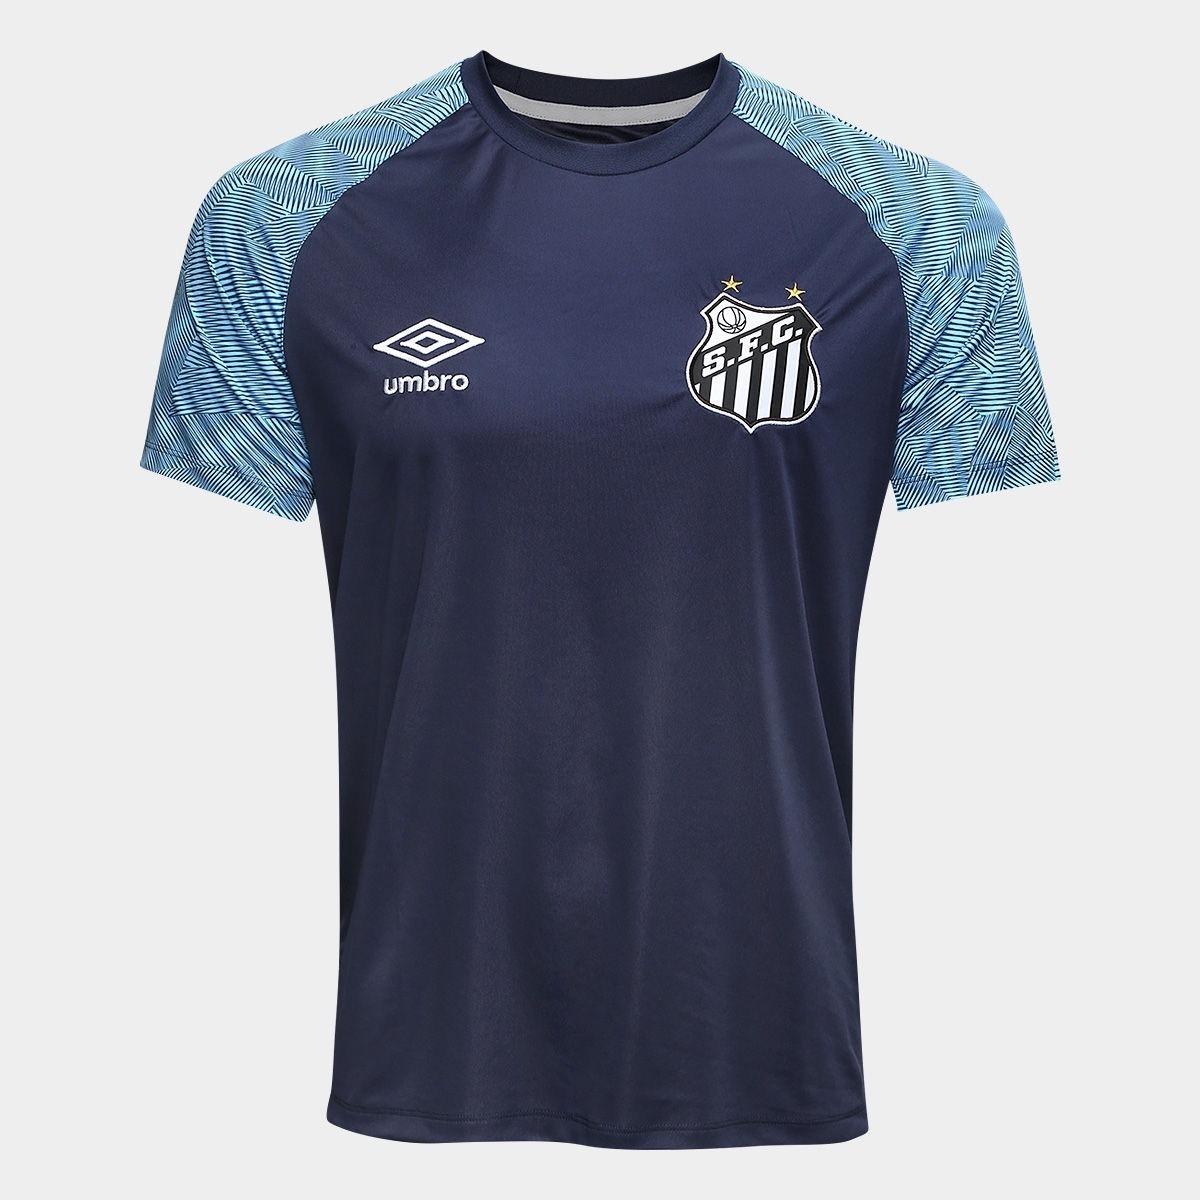 camisa santos treino 2018 umbro - 782719. Carregando zoom. 21cde8f89c6a0